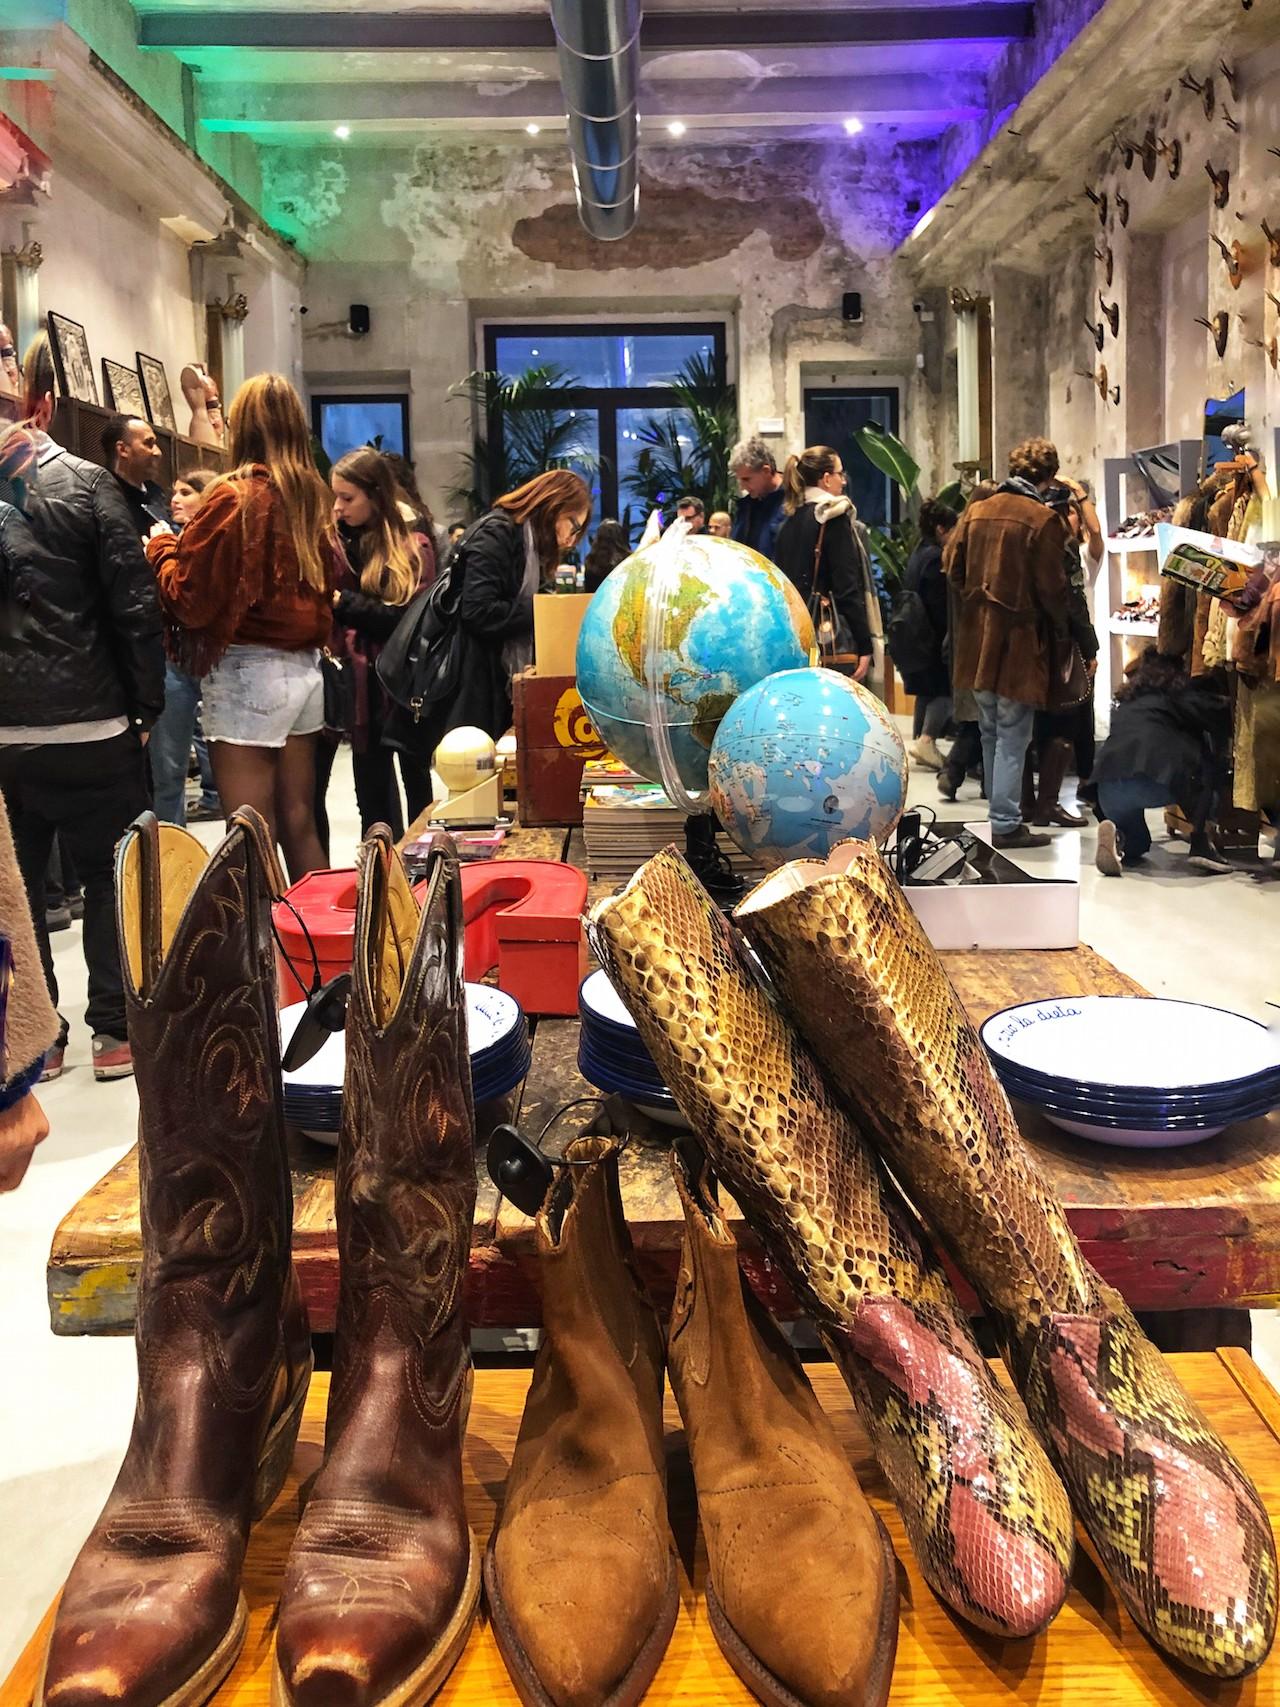 ad39f7b1edea East Market Shop, il Market apre il proprio negozio a Milano. - | A Milano  Puoi